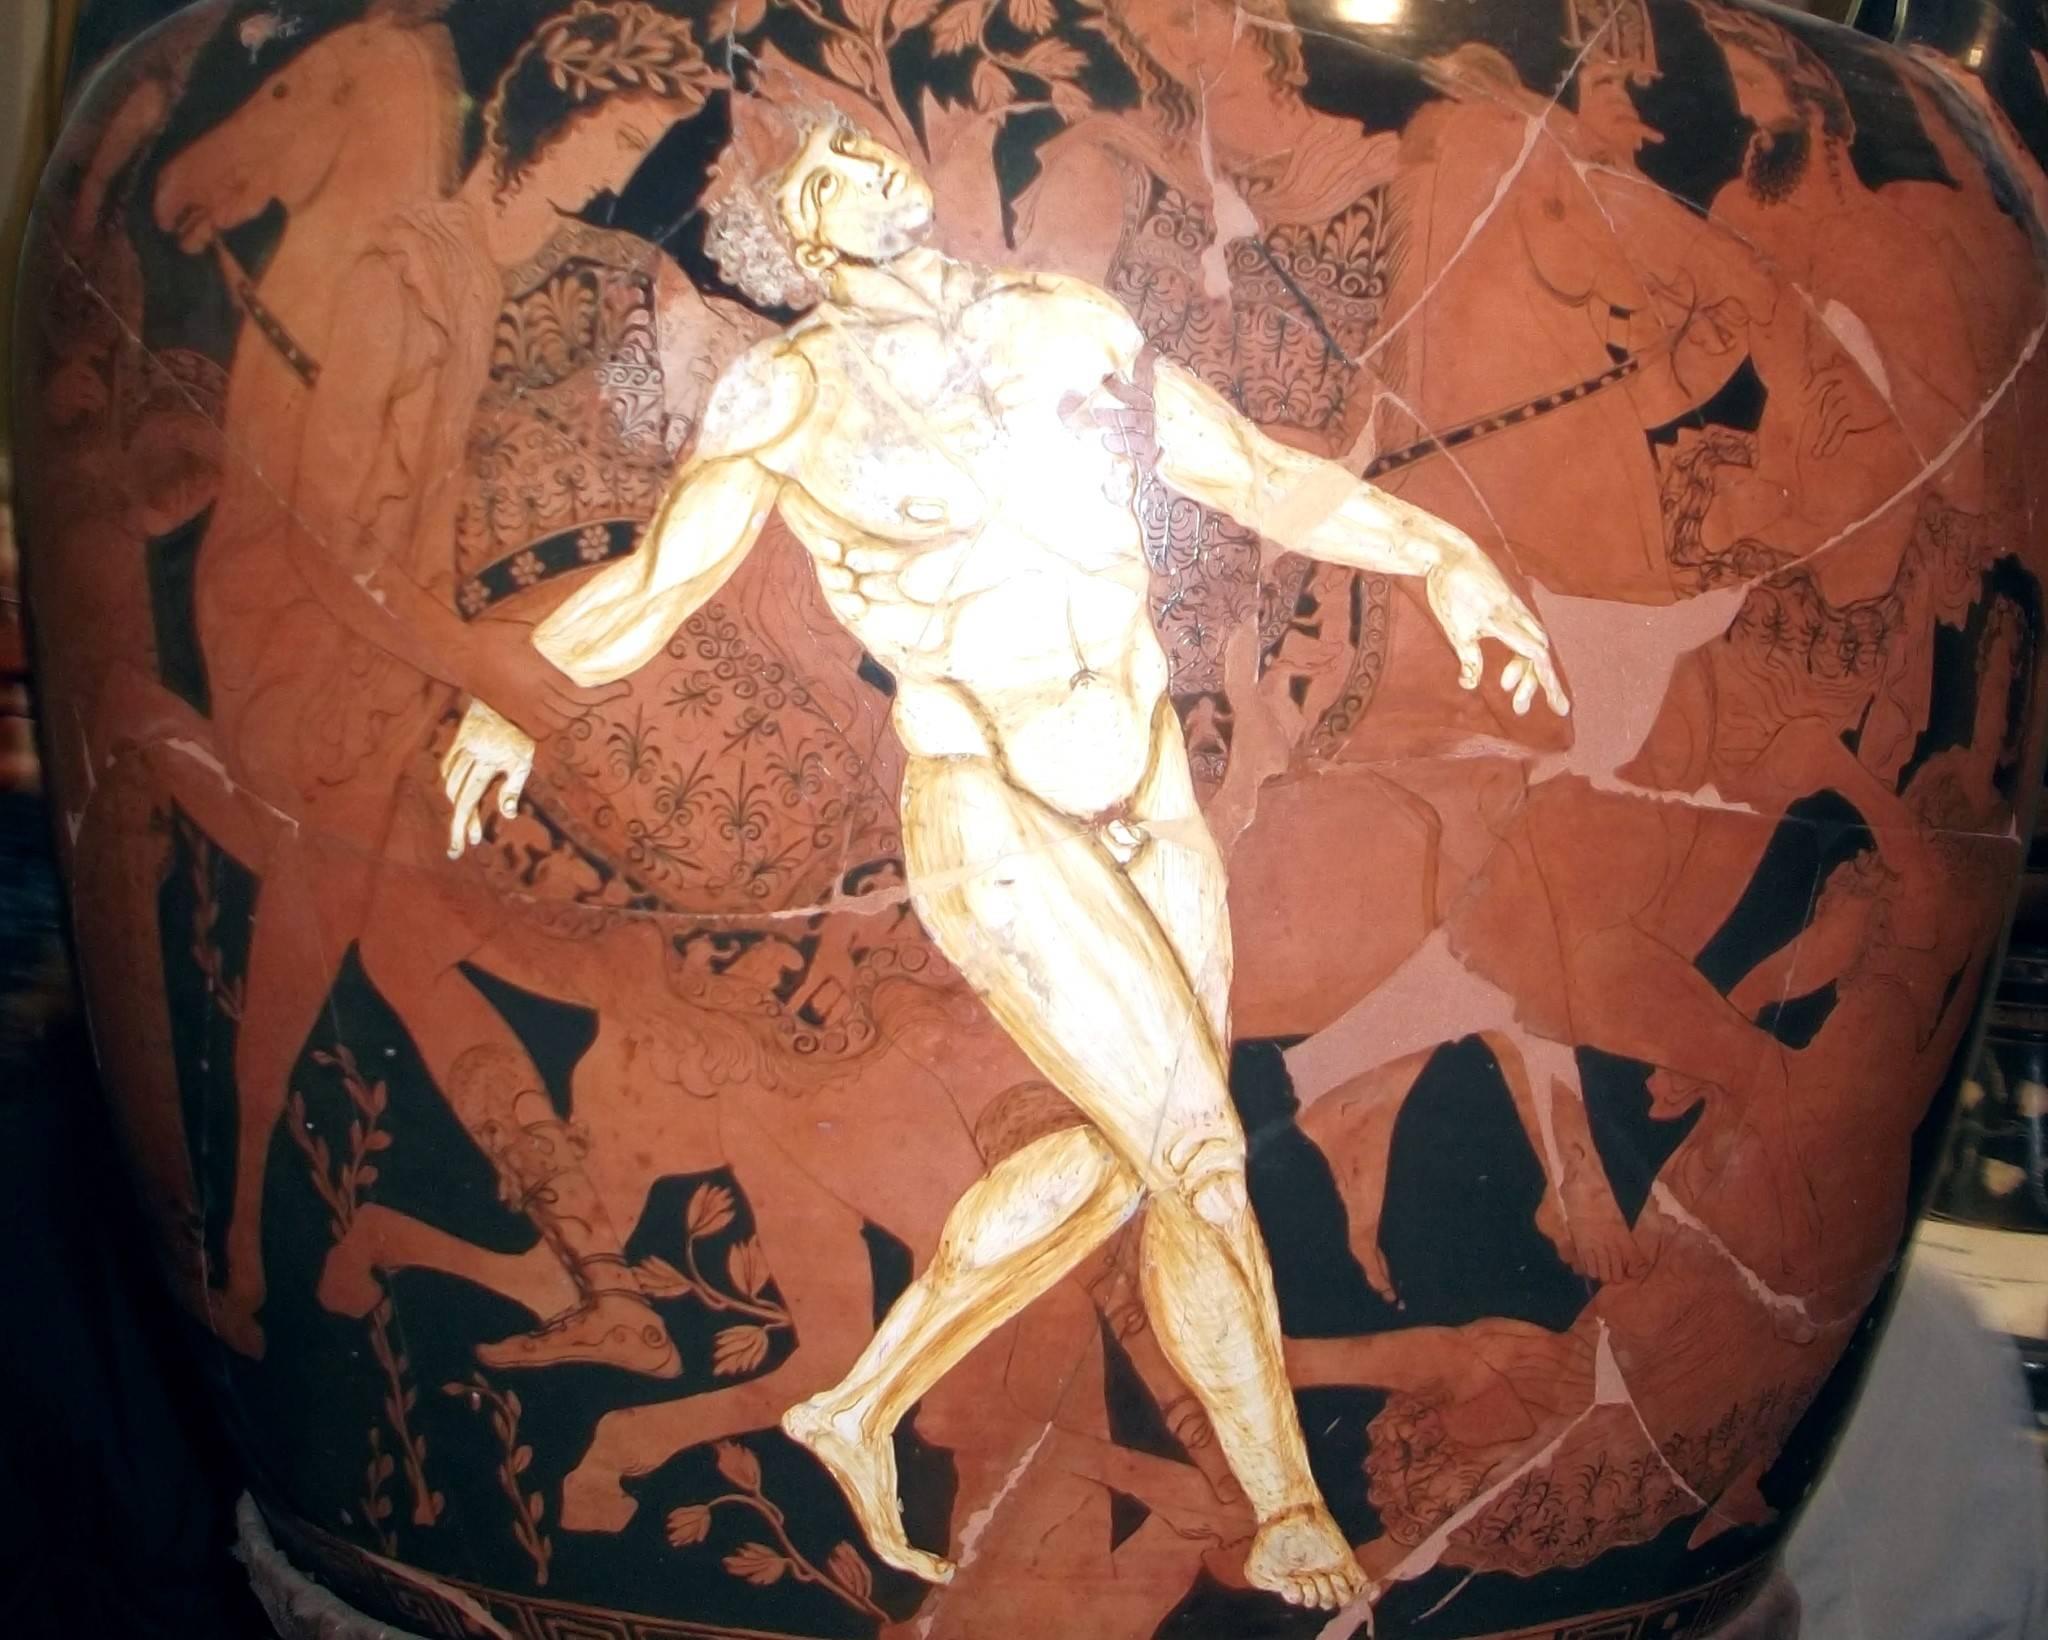 Талос - первый робот или космический корабль в древней греции | обратная сторона истории|легенды | яндекс дзен